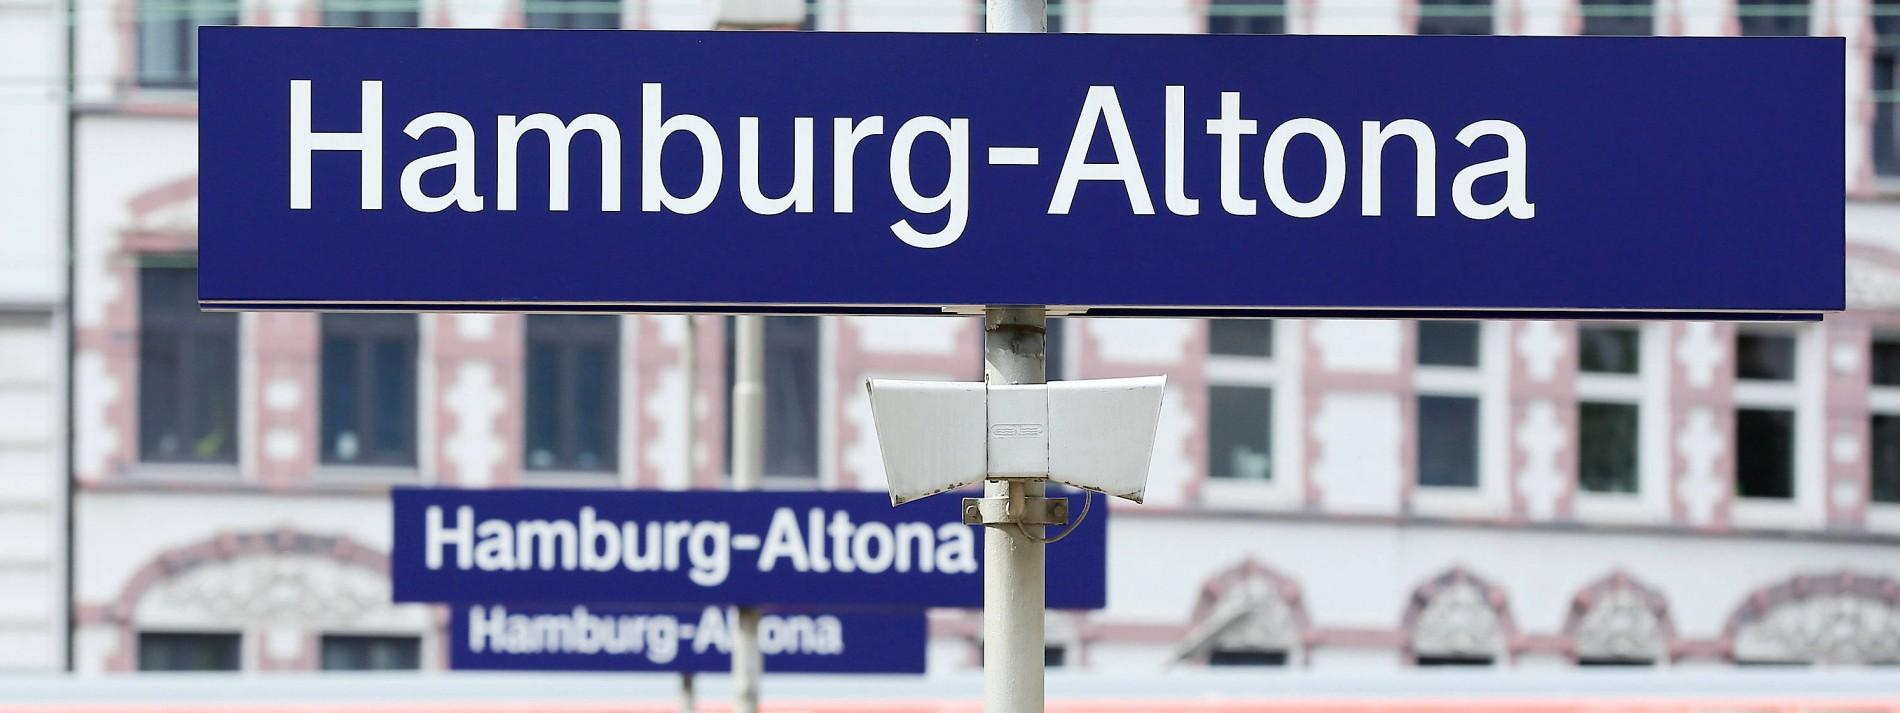 Bundespolizei ermittelt wegen Durchsage an Hamburger Bahnhof